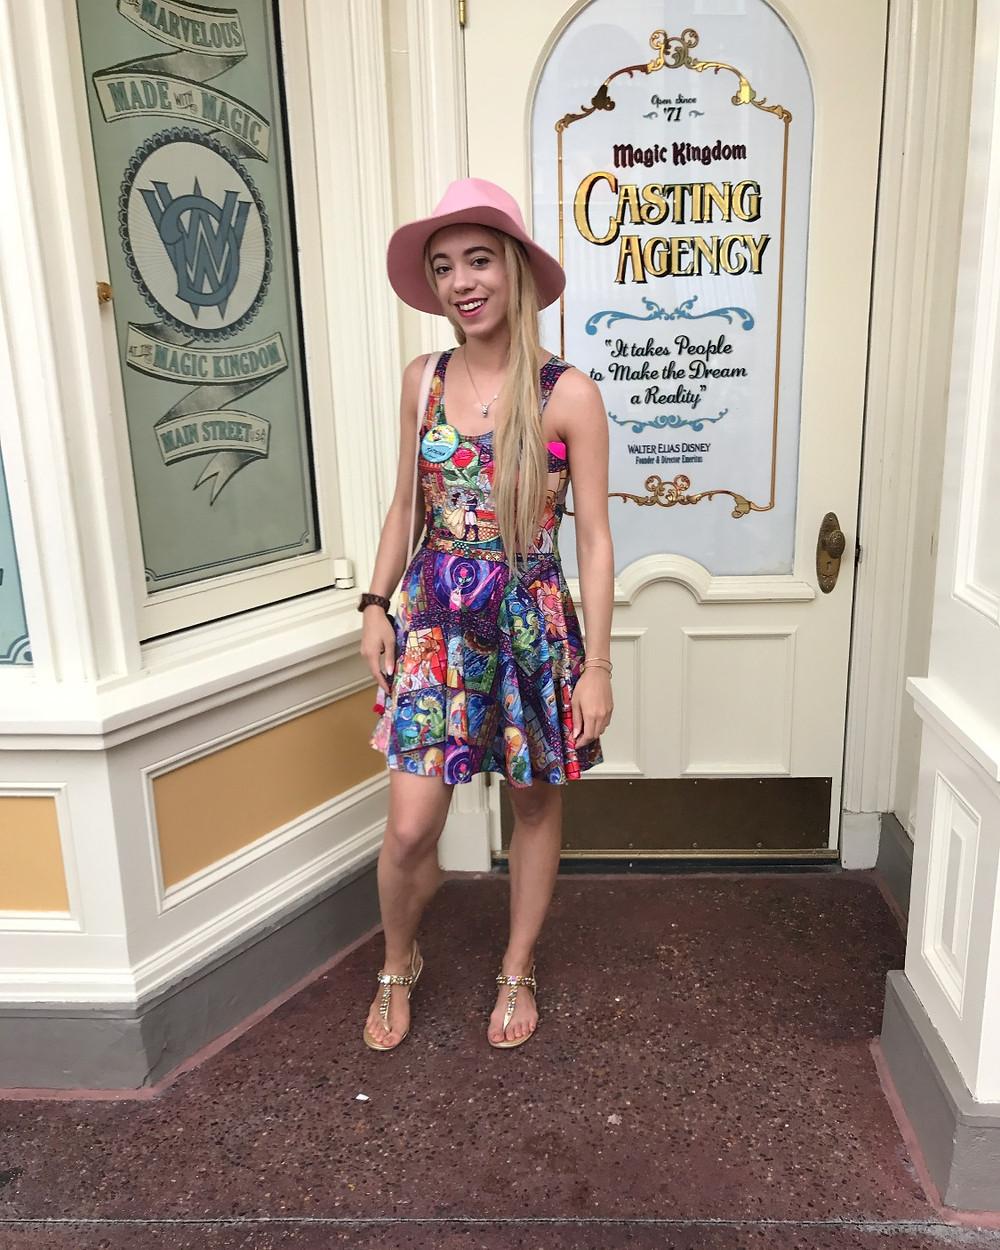 Katrina Belle Beauty - Disney blogger -Katrina Belle - Disney's Magic Kingdom - Disney bloggers - Orlando fashion blogger -Orlando blogger